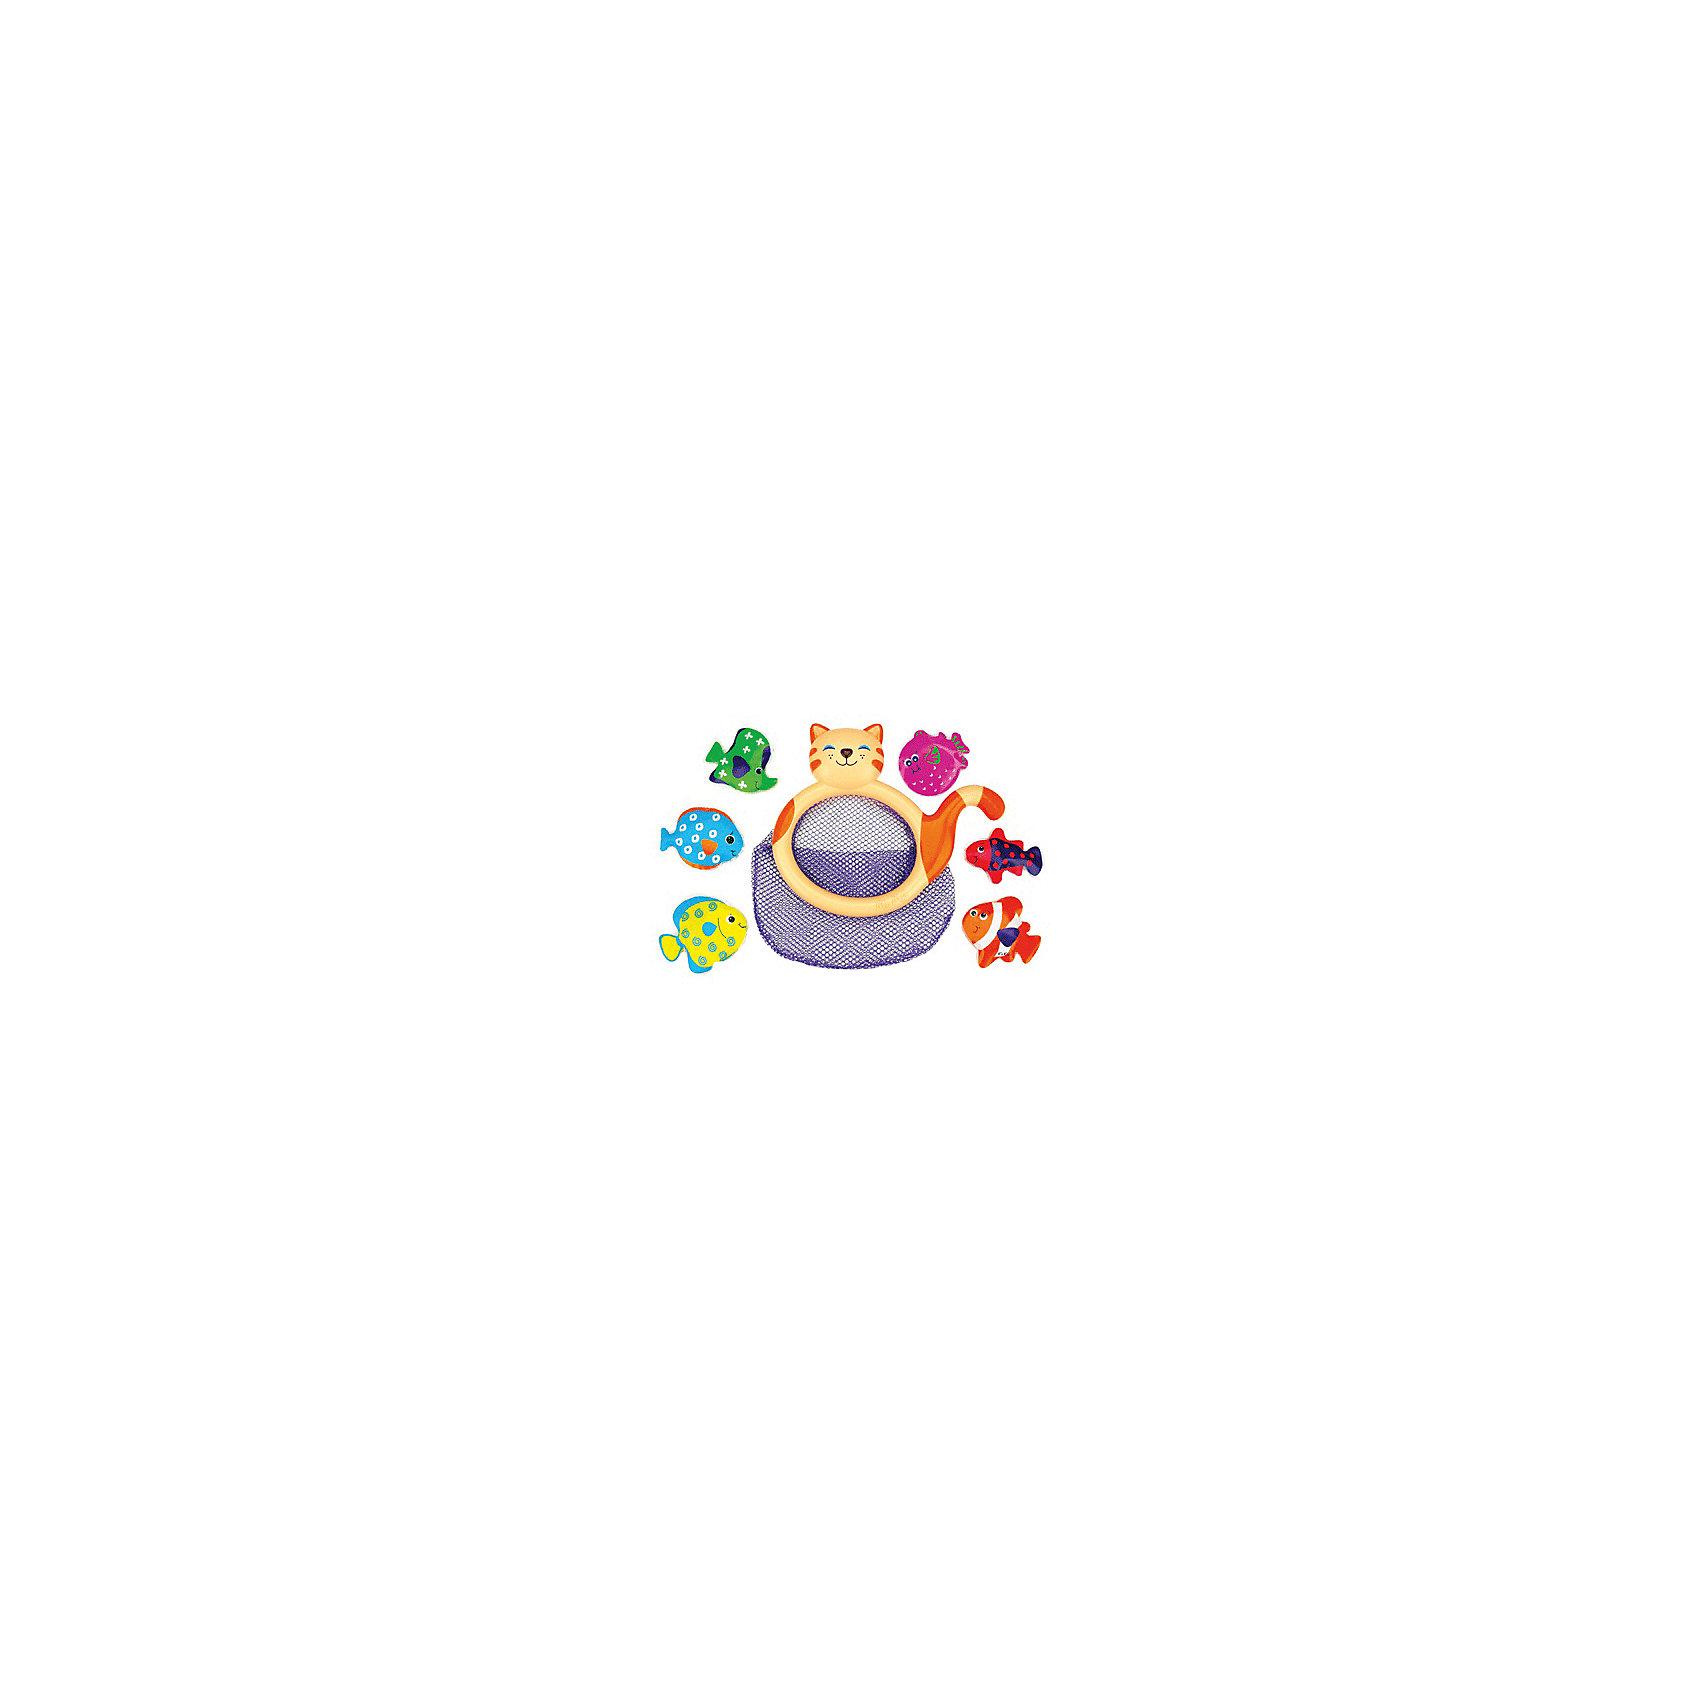 Кошка-сачок Мими для купания, Ks KidsКошка-сачок Мими для купания, Ks Kids (Кс Кидс) ? увлекательная игрушка для купания. В комплект входит сачок в форме кошки и 6 ярких разноцветных рыбок. Играть в эту игру можно разными способами: либо отлавливать сачком плавающих на поверхности воды рыбок, либо закрепить сачок сбоку ванной (это позволяет сделать имеющаяся на тыльной стороне присоска) и складывать в него пойманных руками рыбок. Рыбки легко плавают на поверхности за счет материала, из которого они изготовлены: плотная немного надутая клеенка. <br>Кошка-сачок Мими для купания достаточно практичная игрушка, ее можно использовать как сетку для хранения и других игрушек для купания, достаточно прикрепить ее на кафельную плитку.<br>Игра кошка-сачок Мими для купания, Ks Kids (Кс Кидс) развивает ловкость, точность движений, внимательность, учит терпеливо достигать своей цели.<br><br>Дополнительная информация:<br><br>- Вид игр: подвижные игры в воде<br>- Предназначение: для дома, для улицы<br>- Дополнительные функции: можно использовать как контейнер для хранения всех игрушек для купания<br>- Материал: пластик, текстиль, плотная клеенка (рыбки)<br>- Размер: сачок 22*2*18 см (диаметр 22 см); рыбки 7,5*1,5*6 см<br>- Вес: 190 г<br>- Комплектация: сачок-кошка, 6 разноцветных рыбок<br>- Особенности ухода: разрешается мыть в теплой мыльной воде<br><br>Подробнее:<br><br>• Для детей в возрасте: от 1 года до 3 лет<br>• Страна производитель: Китай<br>• Торговый бренд: Ks Kids (Кс Кидс)<br><br>Кошку-сачок Мими для купания, Ks Kids (Кс Кидс) можно купить в нашем интернет-магазине.<br><br>Ширина мм: 220<br>Глубина мм: 200<br>Высота мм: 20<br>Вес г: 116<br>Возраст от месяцев: 12<br>Возраст до месяцев: 36<br>Пол: Унисекс<br>Возраст: Детский<br>SKU: 4790443